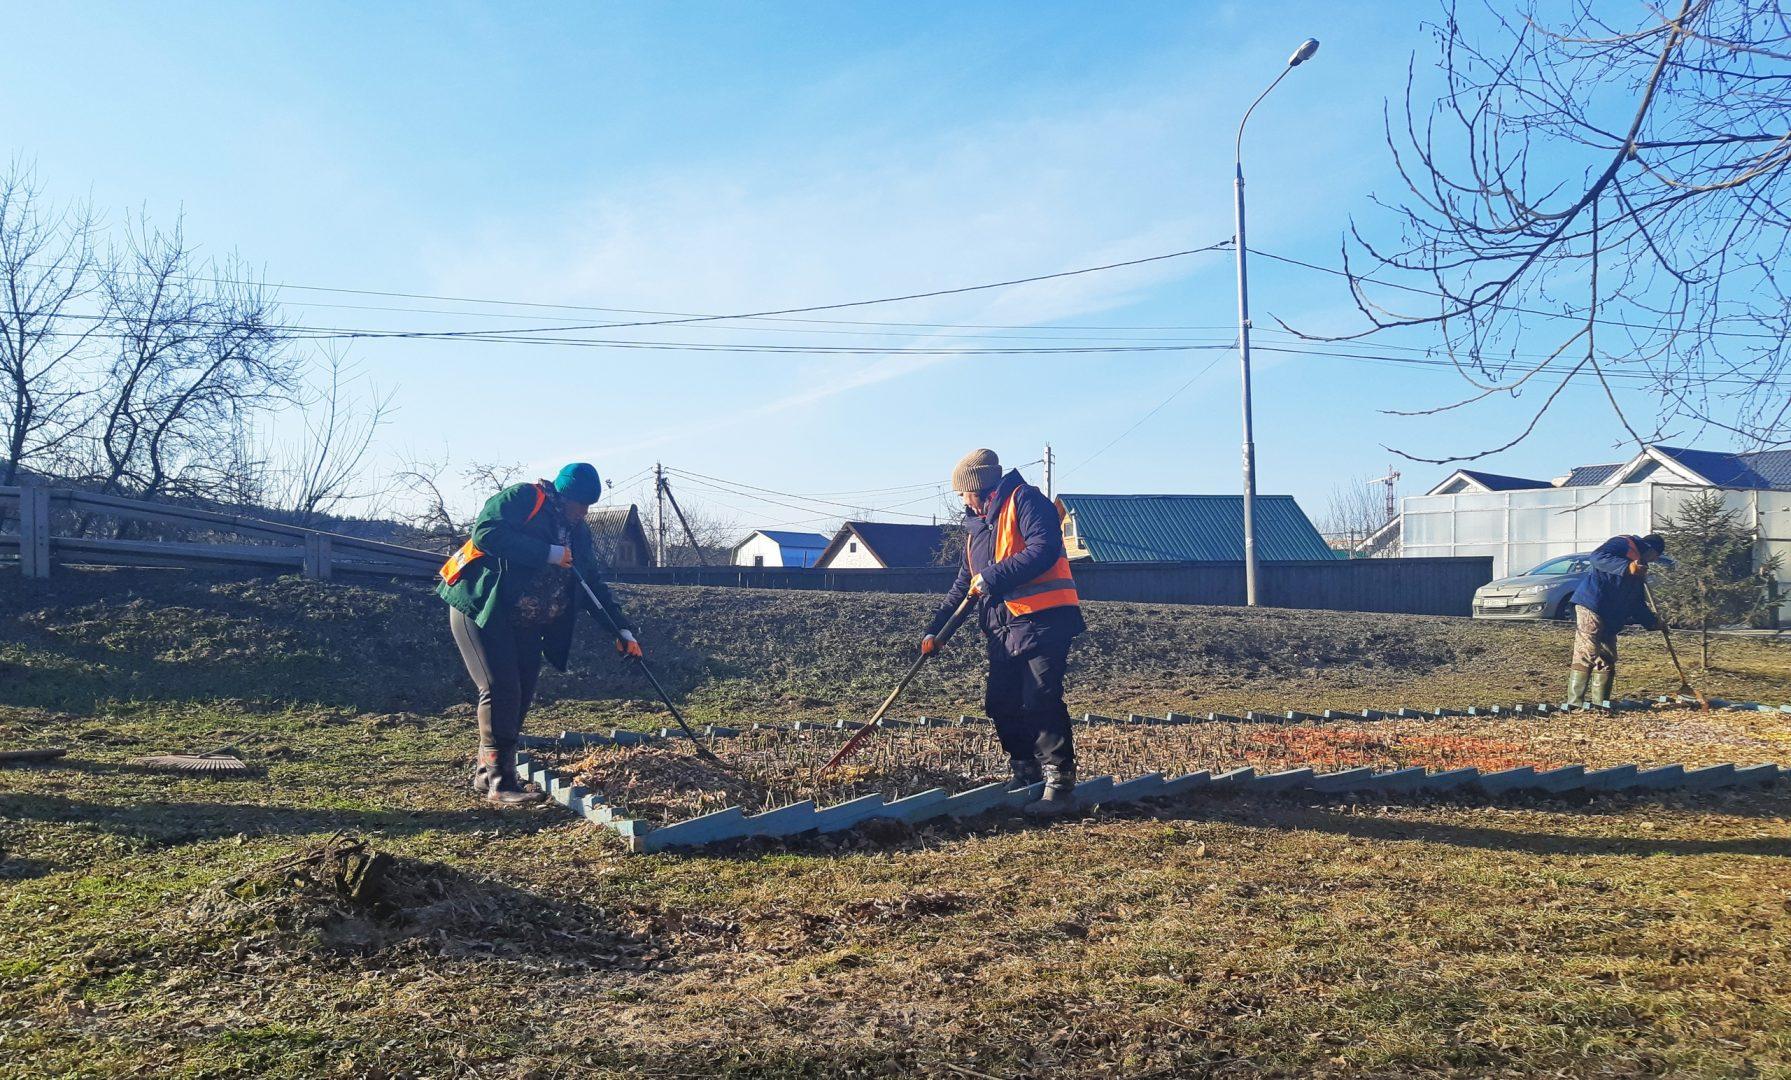 Подготовку к весенне-летнему периоду начали в Рязановском. Фото предоставили сотрудники администрации